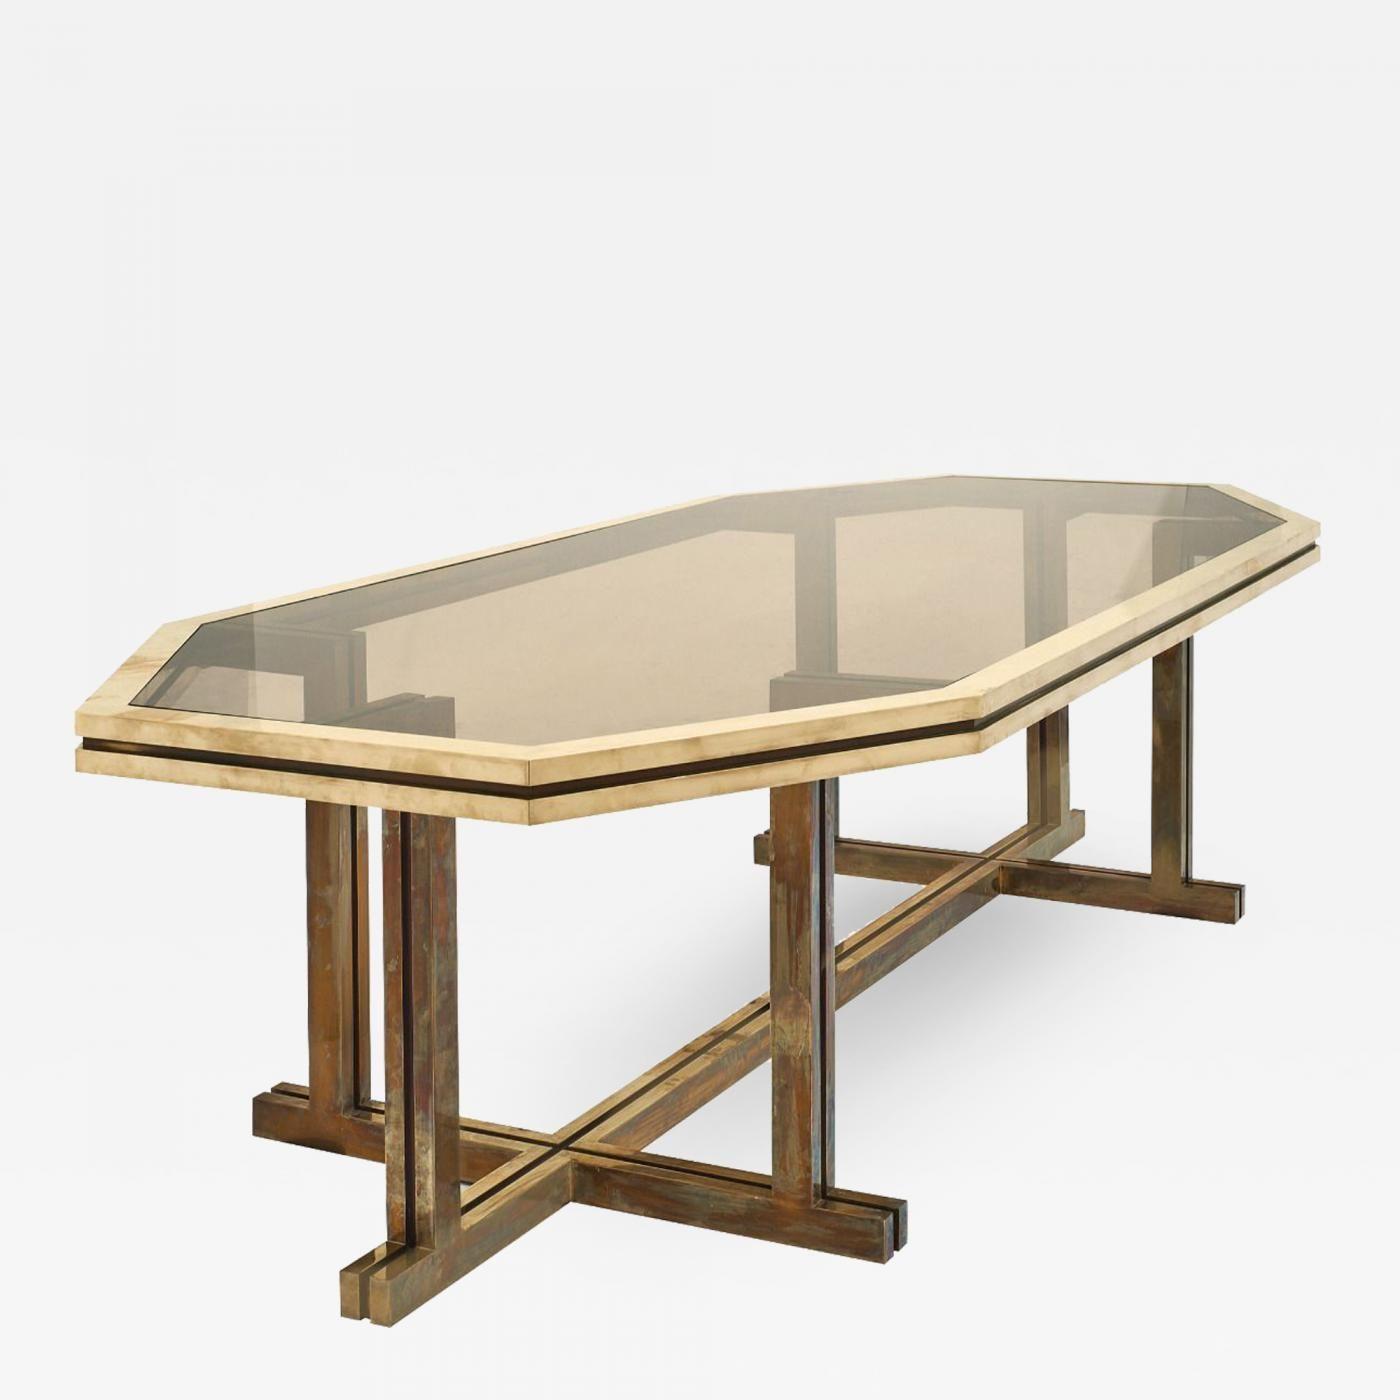 Romeo Rega Romeo Rega Brass And Smoked Glass Dining Table Dining Table Smoked Glass Glass Dining Table